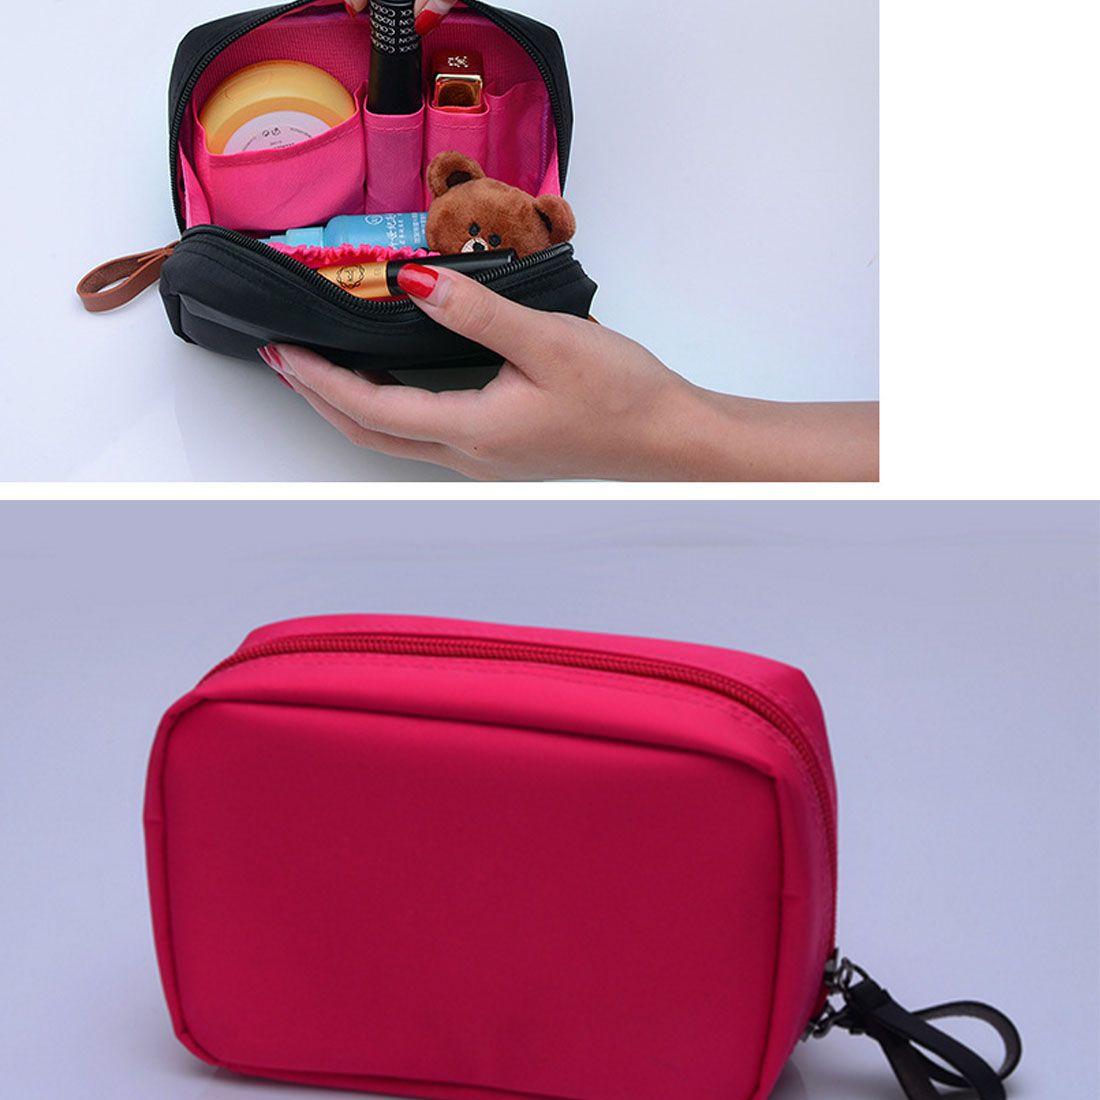 aff2cb58cf Bargin Small Cosmetic Bags Makeup Bag Women Travel Toiletry Bag  Professional Storage Brush Organizer Necessaries Make